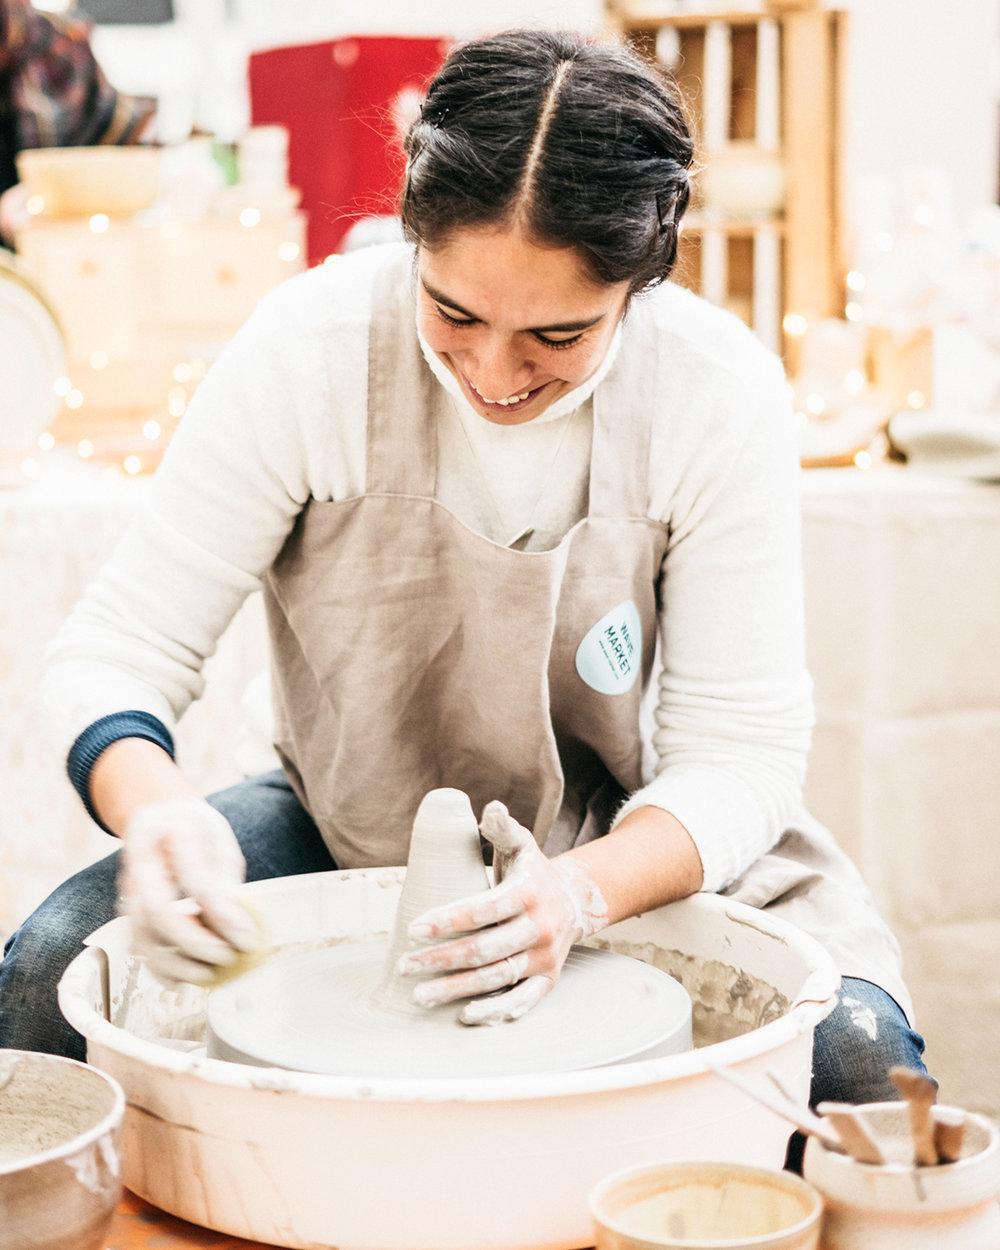 → CRAFT - Partire dalla materia grezza per realizzare qualcosa di unico, che sia testimonianza di tradizione ed espressione di creatività. Questo è il mantra che accomuna gli artigiani in ogni area presente nel mercato.